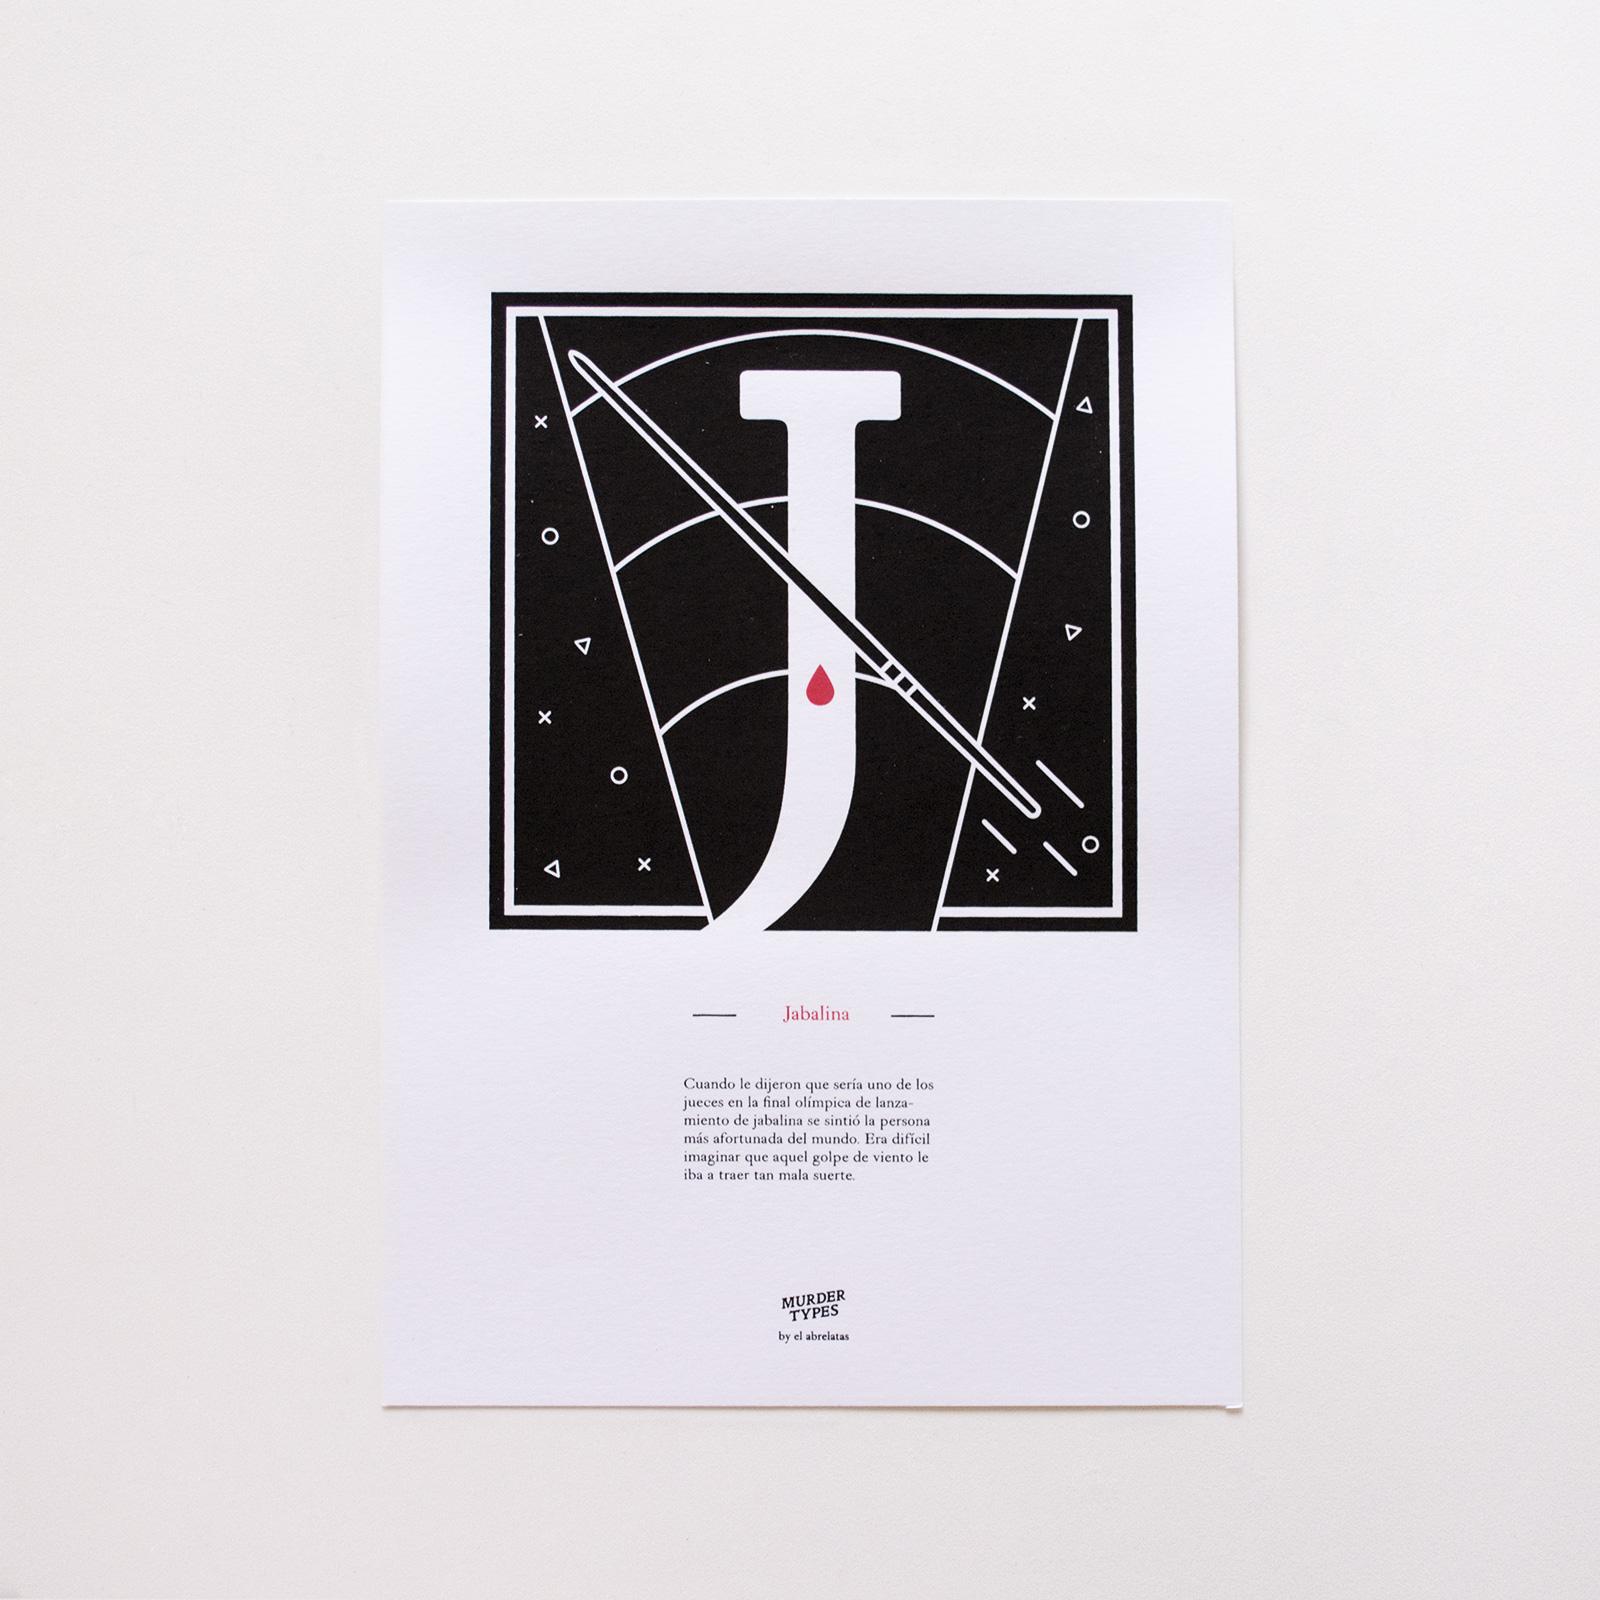 Lámina letra J - Proyecto de autoedición en serigrafía Murder Types